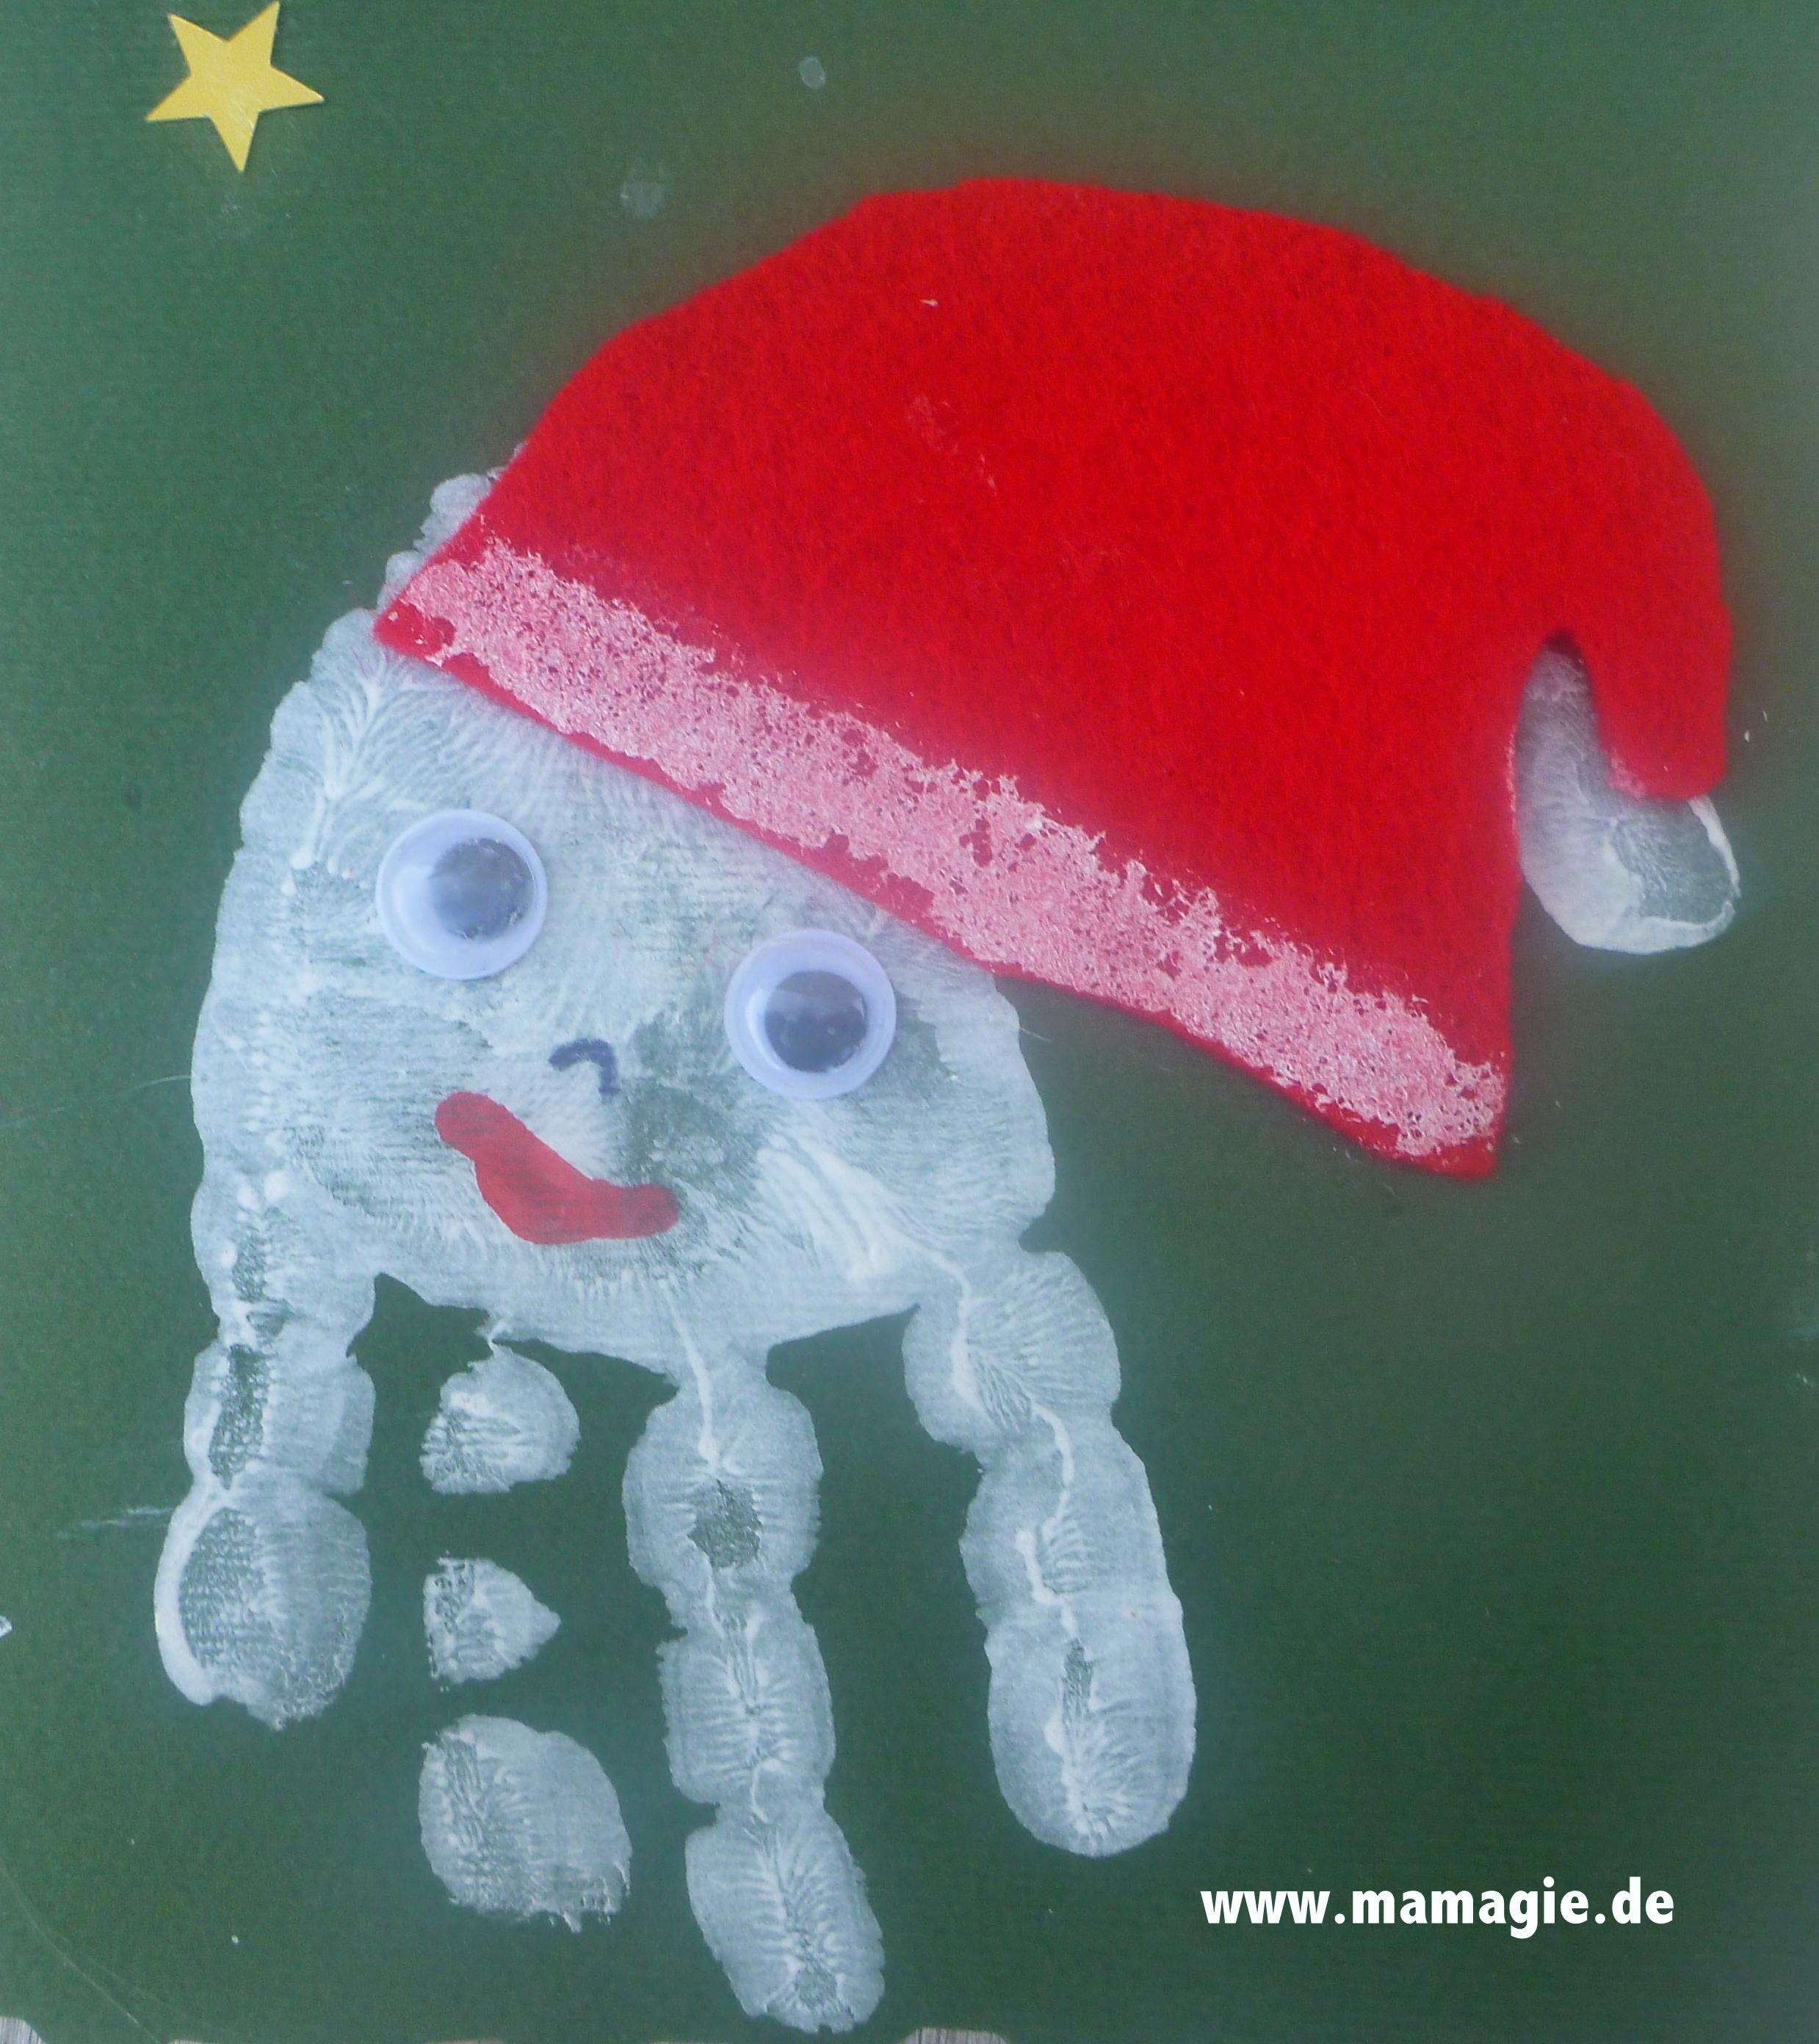 Weihnachtskarten Basteln Mit Kleinkindern.Weihnachtskarte Basteln Mit Kleinkindern